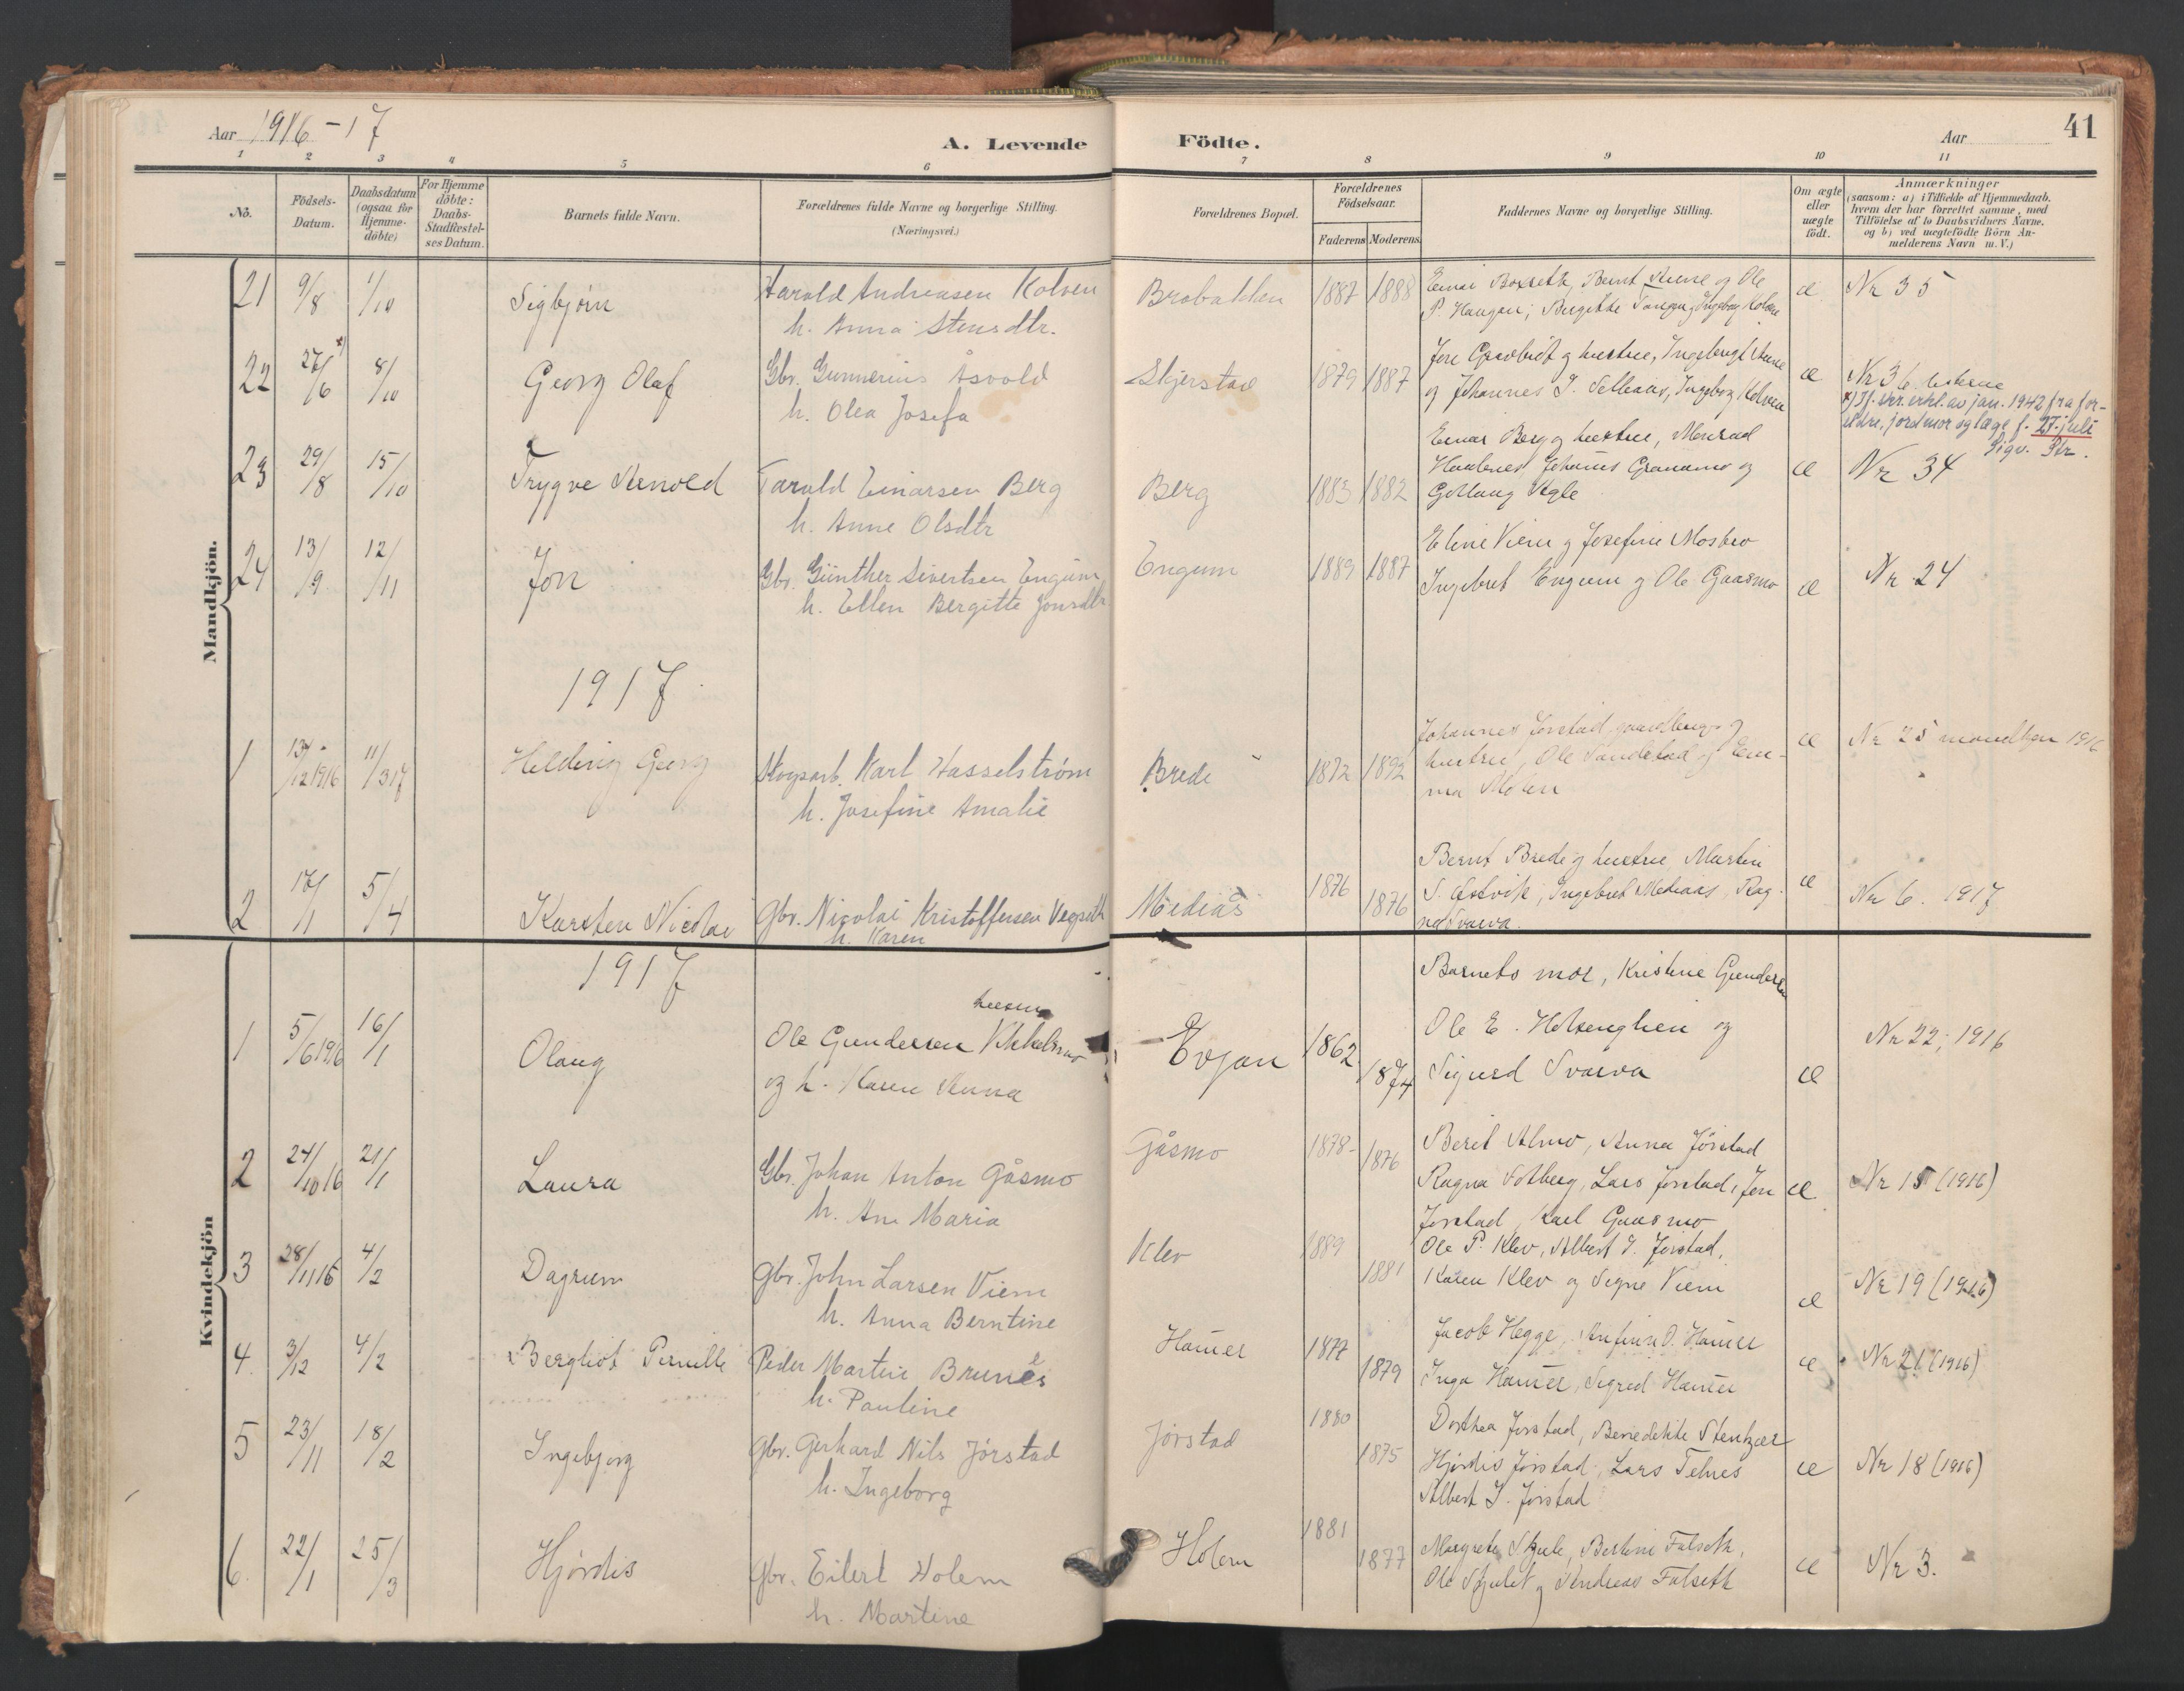 SAT, Ministerialprotokoller, klokkerbøker og fødselsregistre - Nord-Trøndelag, 749/L0477: Ministerialbok nr. 749A11, 1902-1927, s. 41